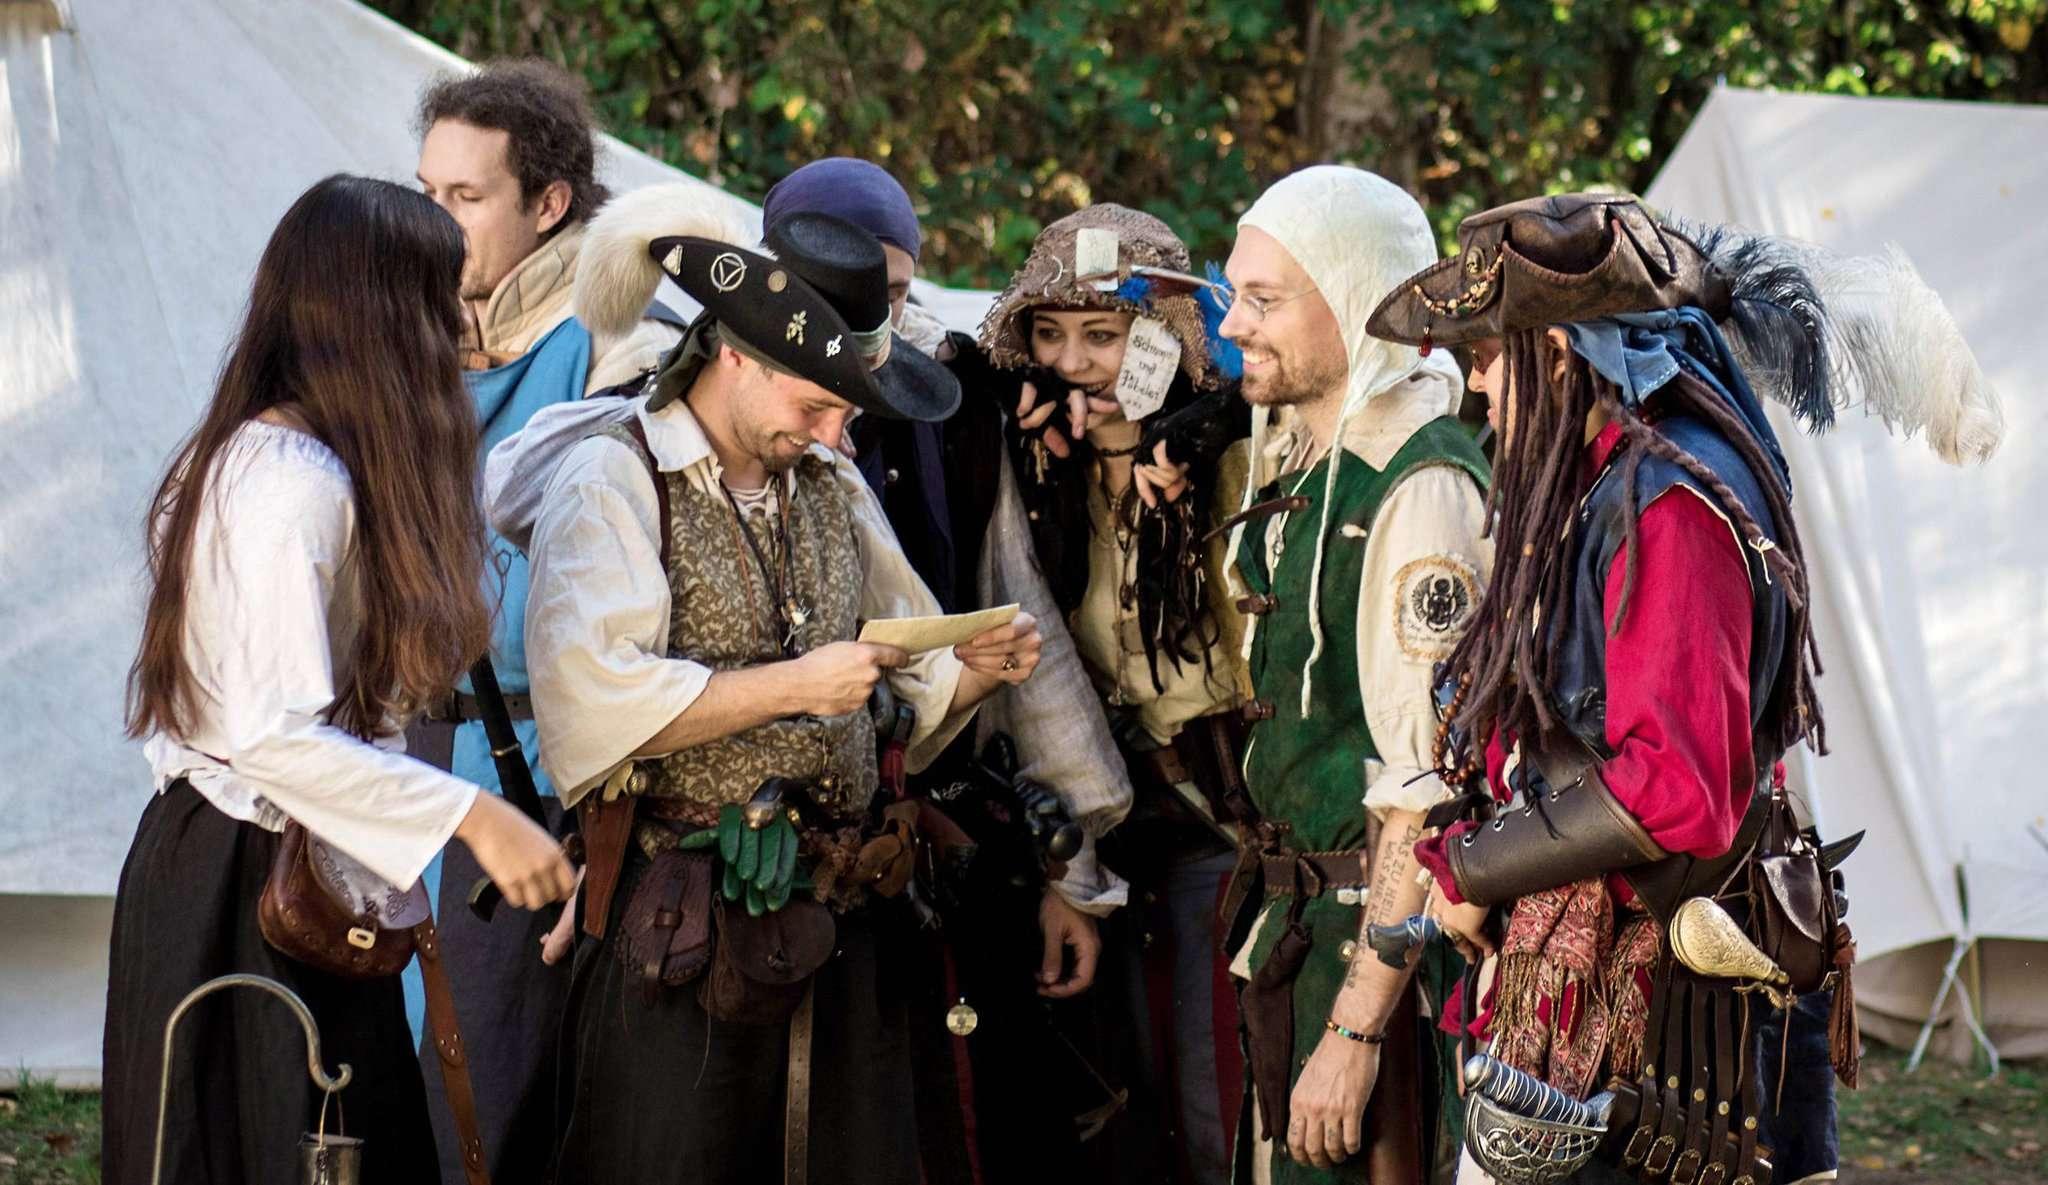 Mittelalterlich anmutende Kleidung, aber auch fantasievolle Eigenkreationen: Die Akteure der ersten LARP-Convention Feydora erschufen im Wald in Lehringen bei Kirchlinteln eine ganz neue Welt. Fotos: GegenkursMedia